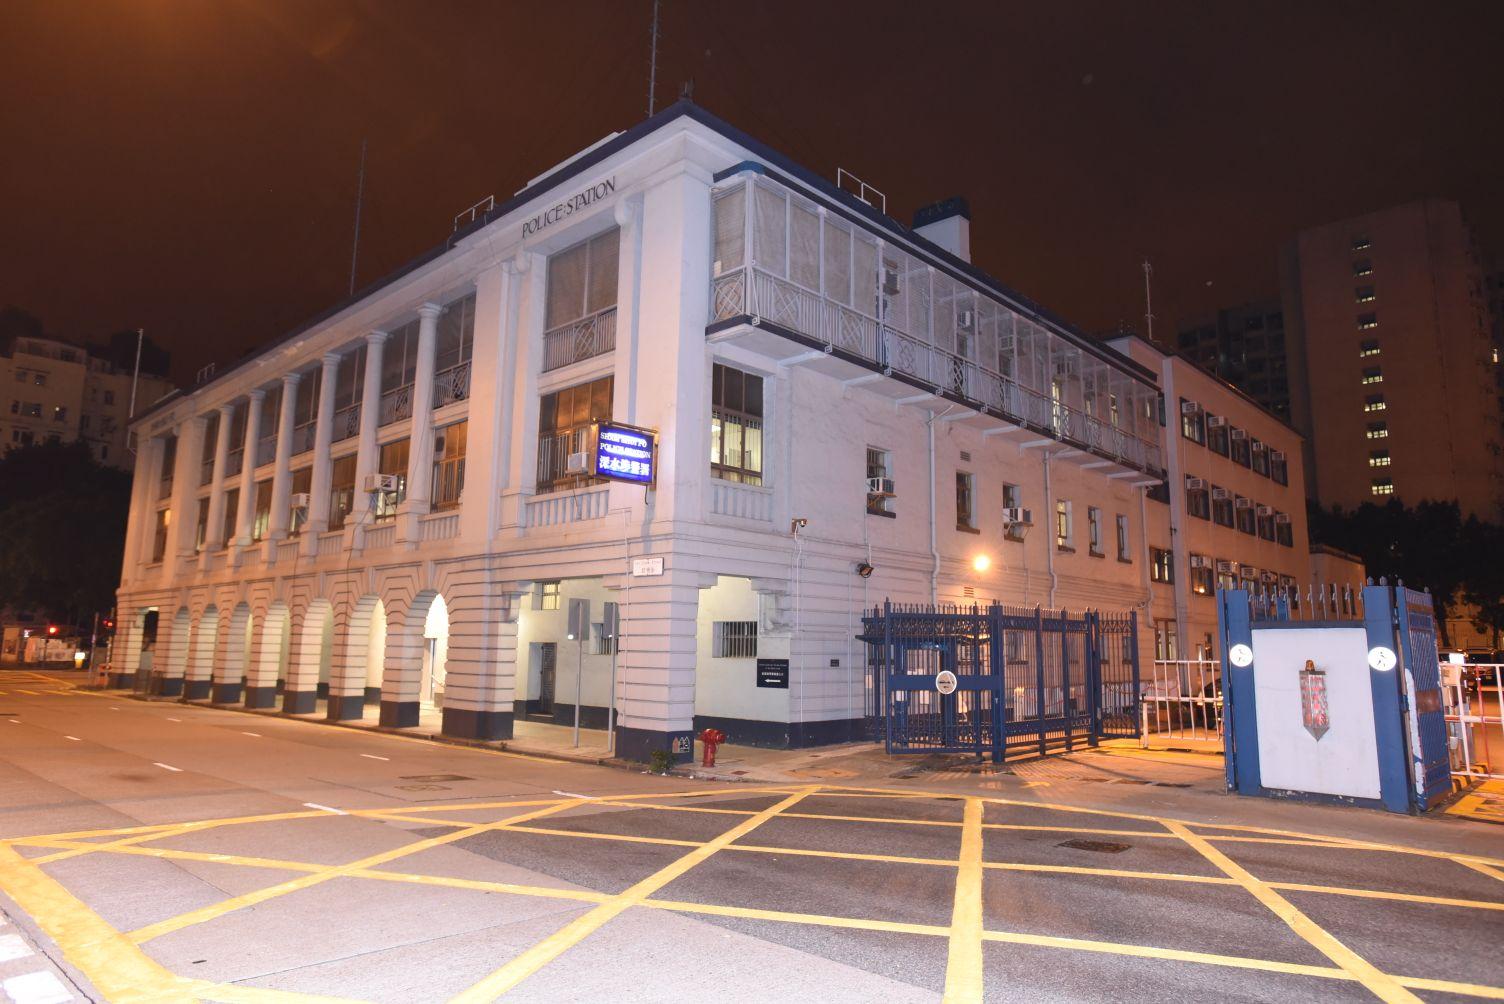 案件交由深水埗警區刑事調查隊第五隊跟進。